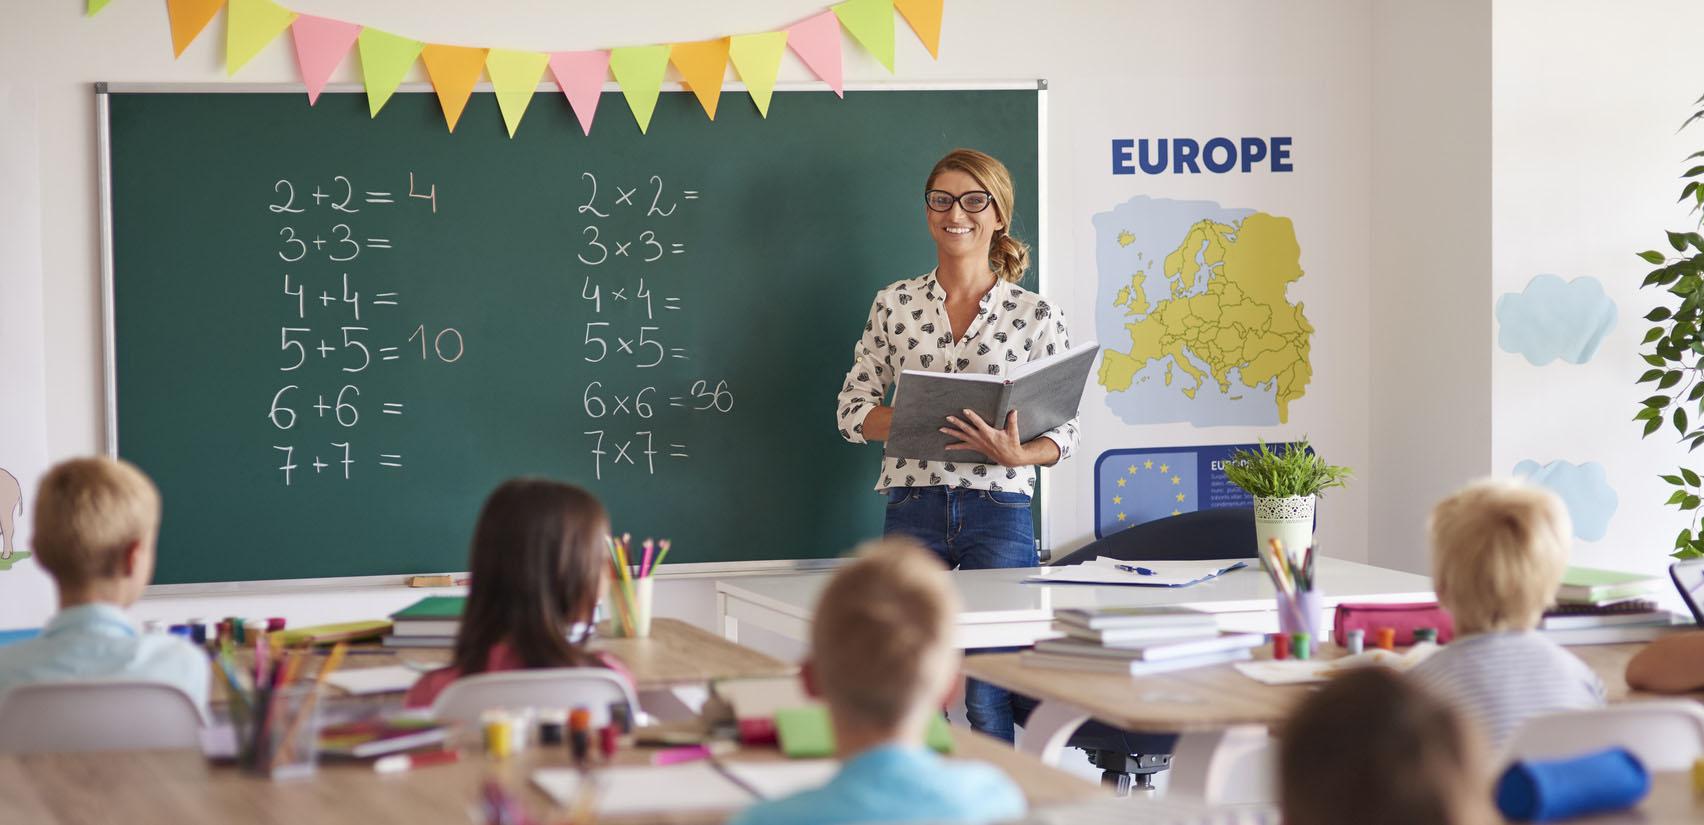 Une école transmet le savoir&#8230;<br /> <strong>SFILparticipe</strong>